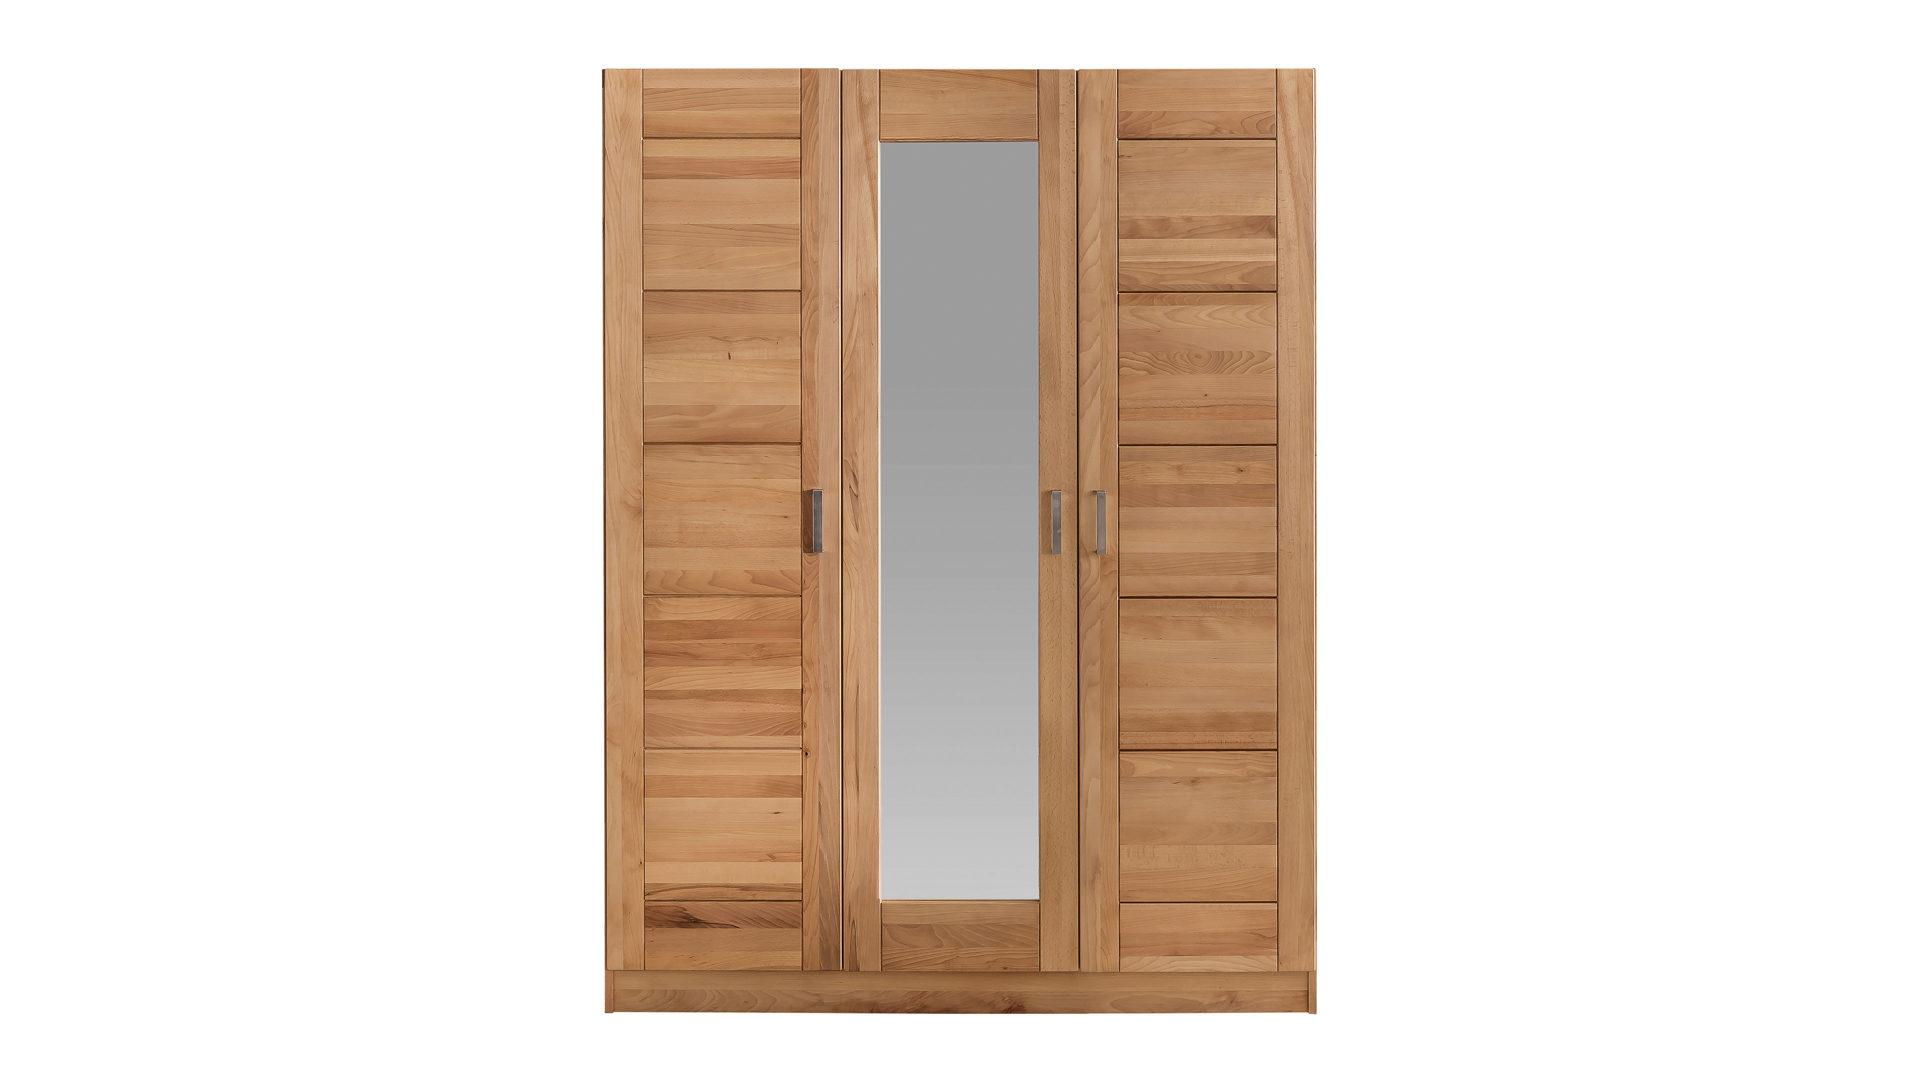 Möbel Busch , Räume, Schlafzimmer, Kleiderschränke, Kleiderschrank ...